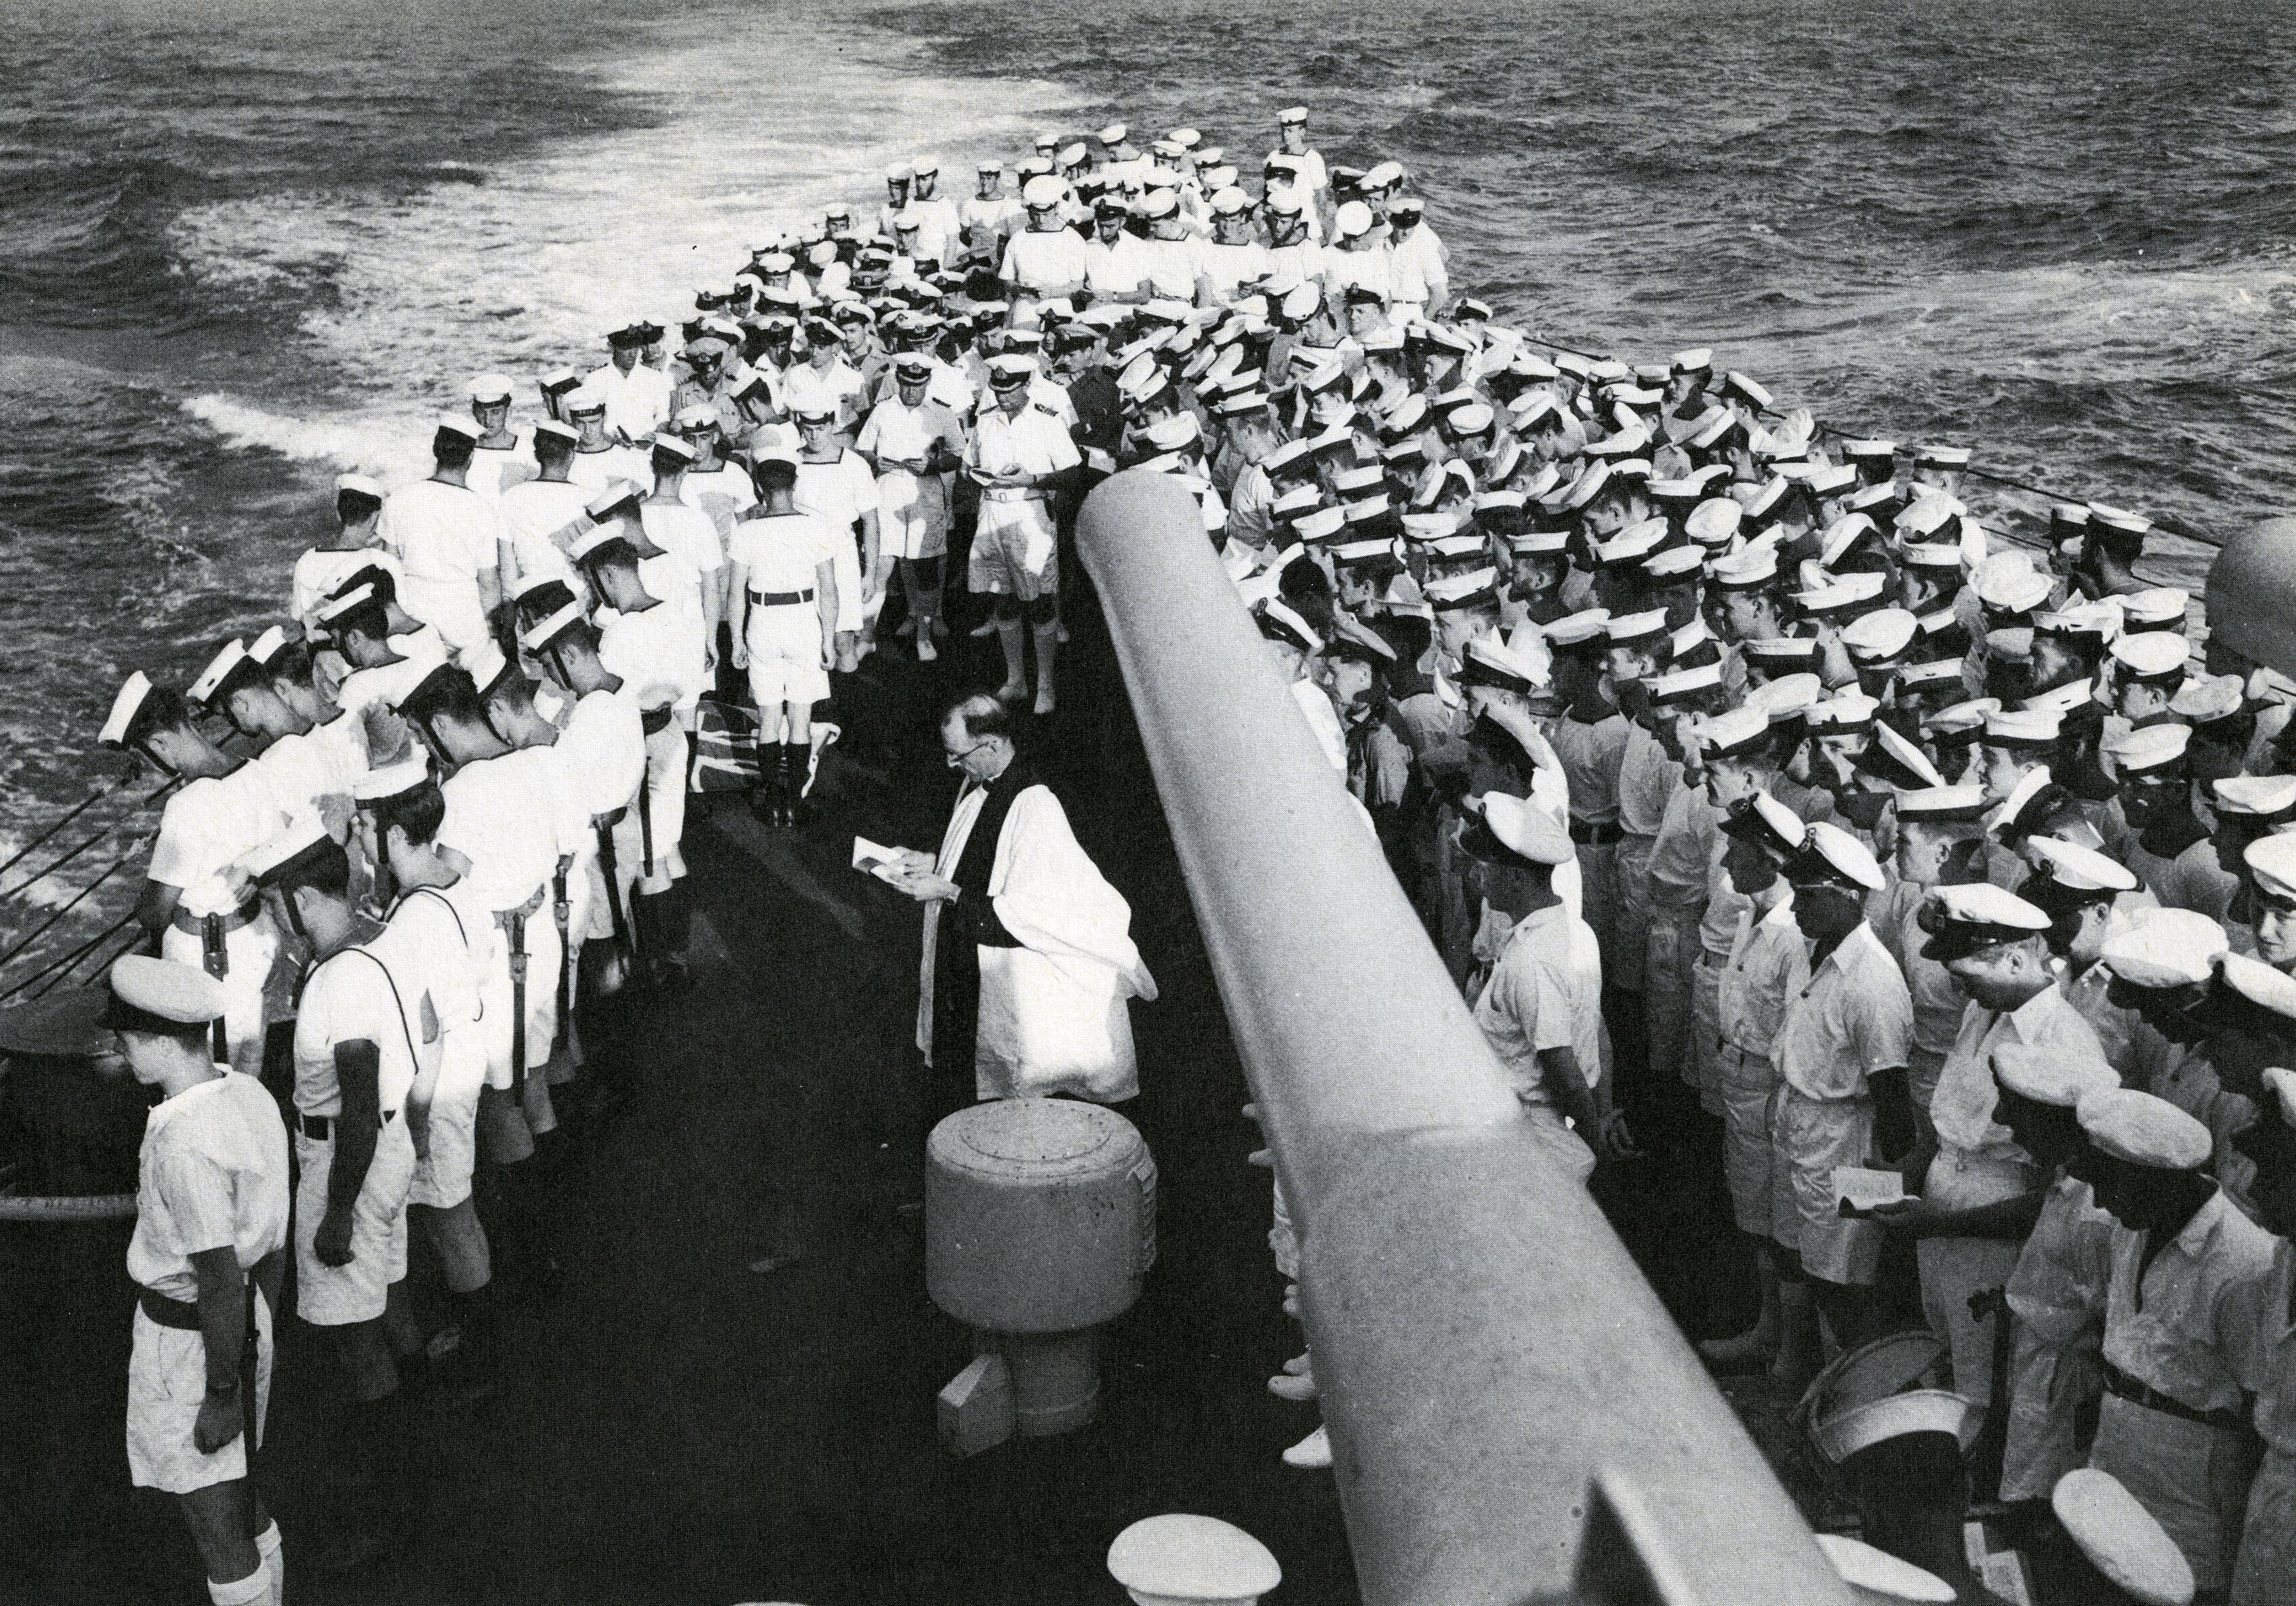 gerald milne moses_sépulture en mer, HCMS Uganda, 4 avril 1945